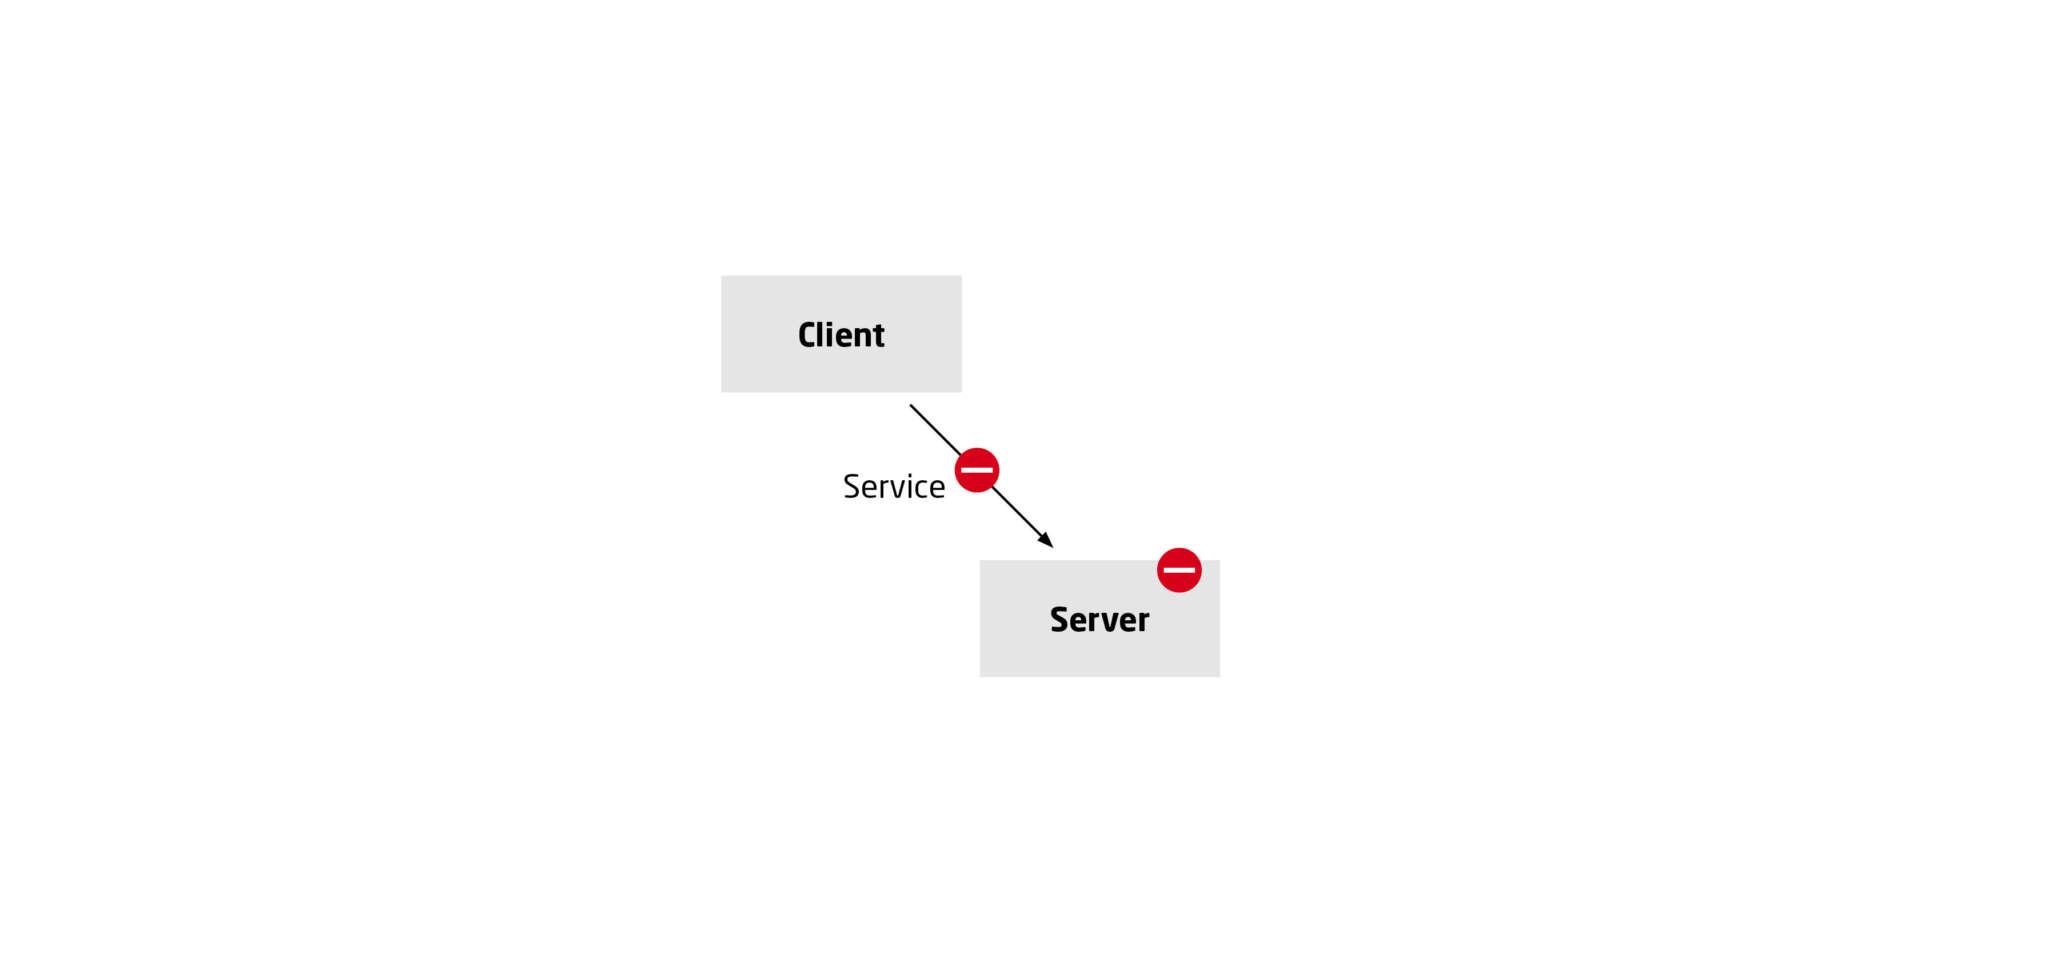 Hohe Last- Server fällt aus (keine Sicherung)